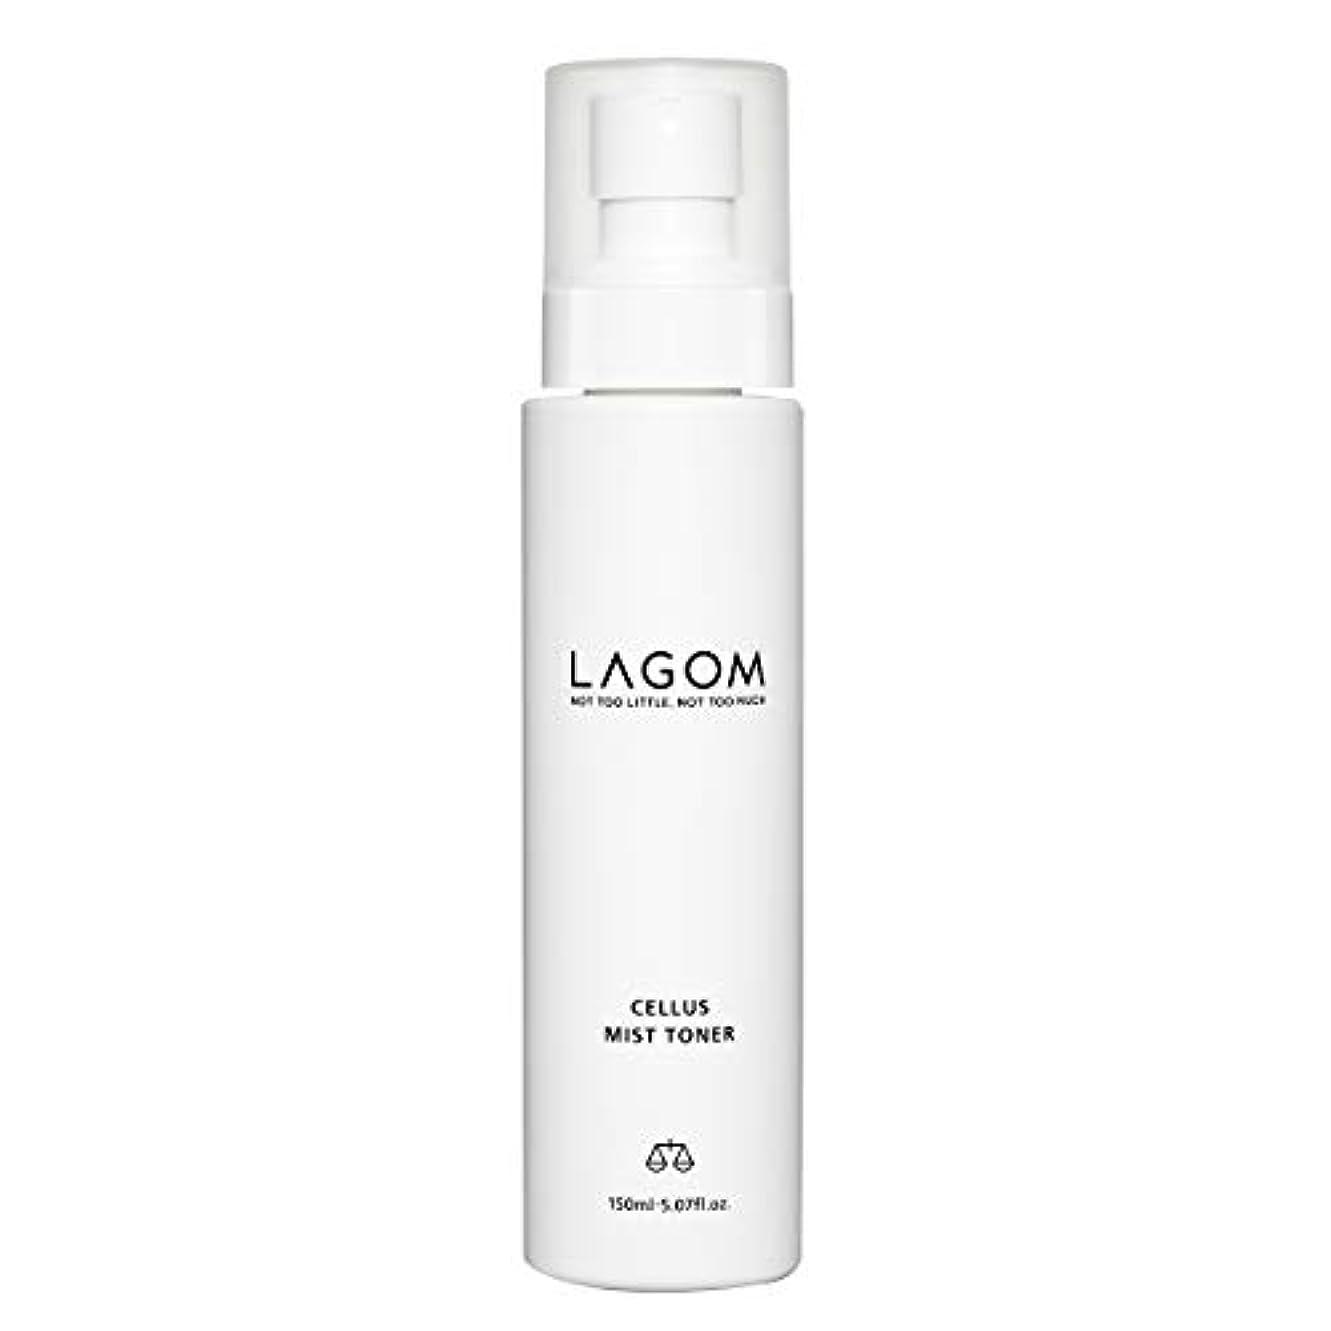 ライトニングスペアアトラスラゴム ミスト トナー 150ml (化粧水) 国内正規品